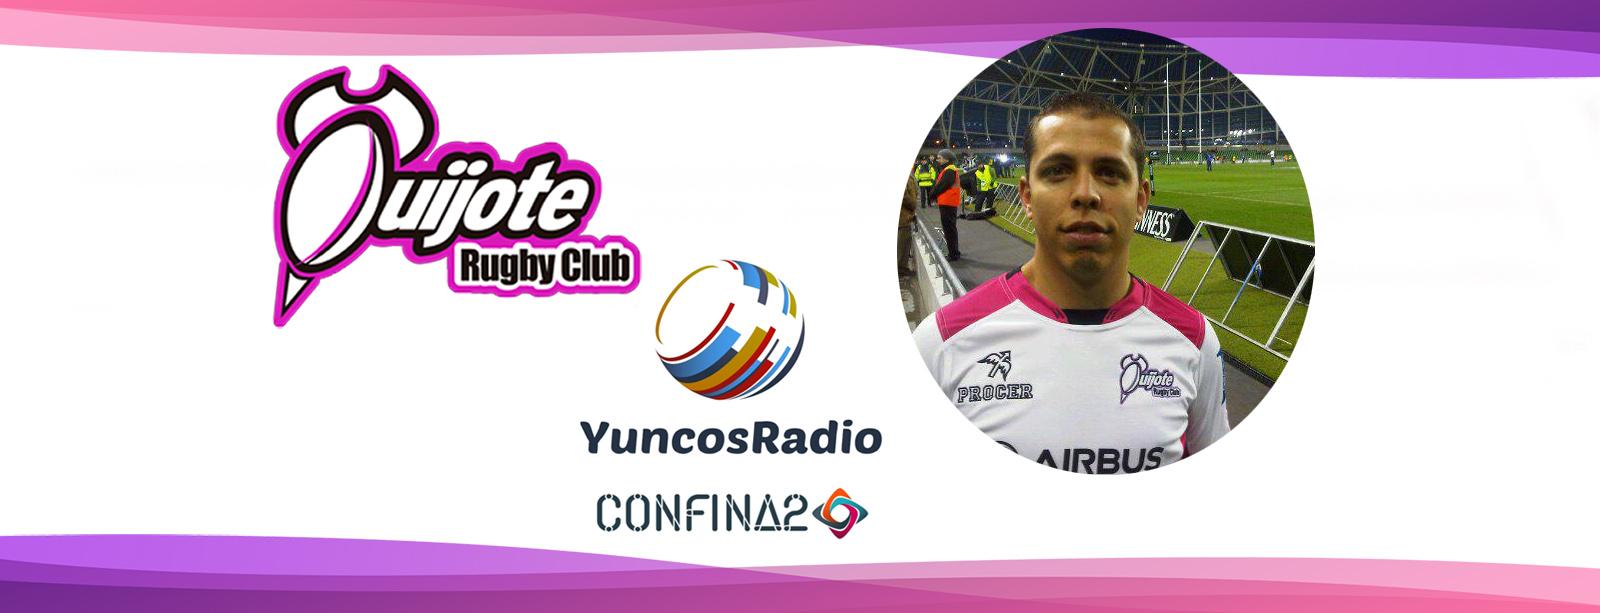 Entrevista a Javier Humanes, Presidente del Quijote RC, en el programa Confina2 de Yuncos Radio